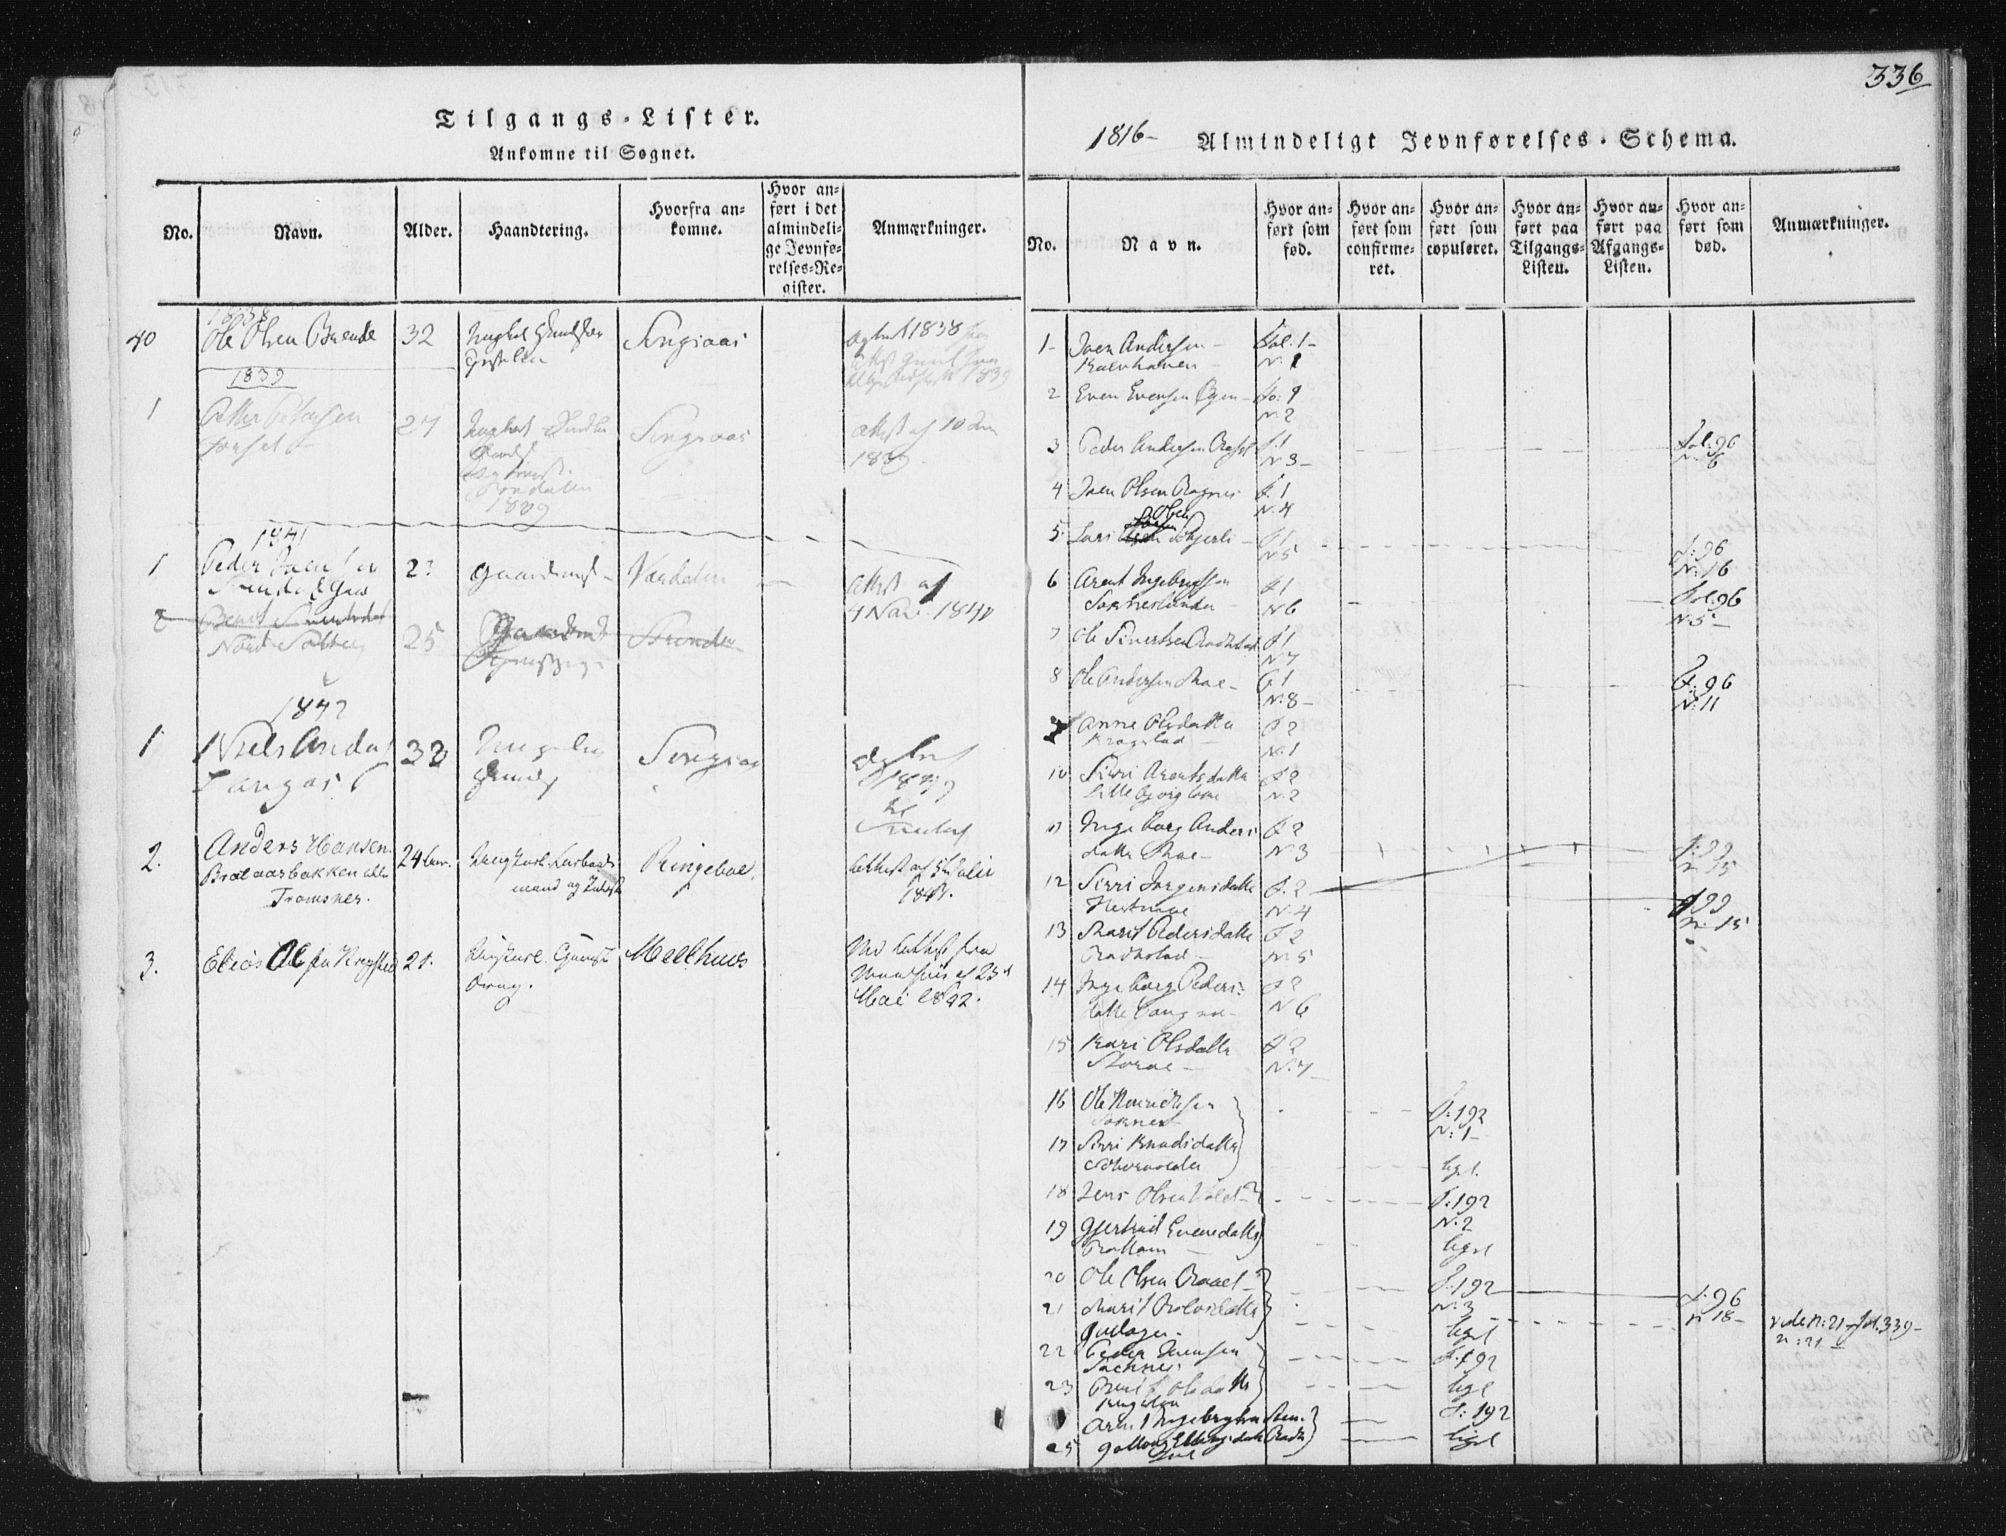 SAT, Ministerialprotokoller, klokkerbøker og fødselsregistre - Sør-Trøndelag, 687/L0996: Ministerialbok nr. 687A04, 1816-1842, s. 336